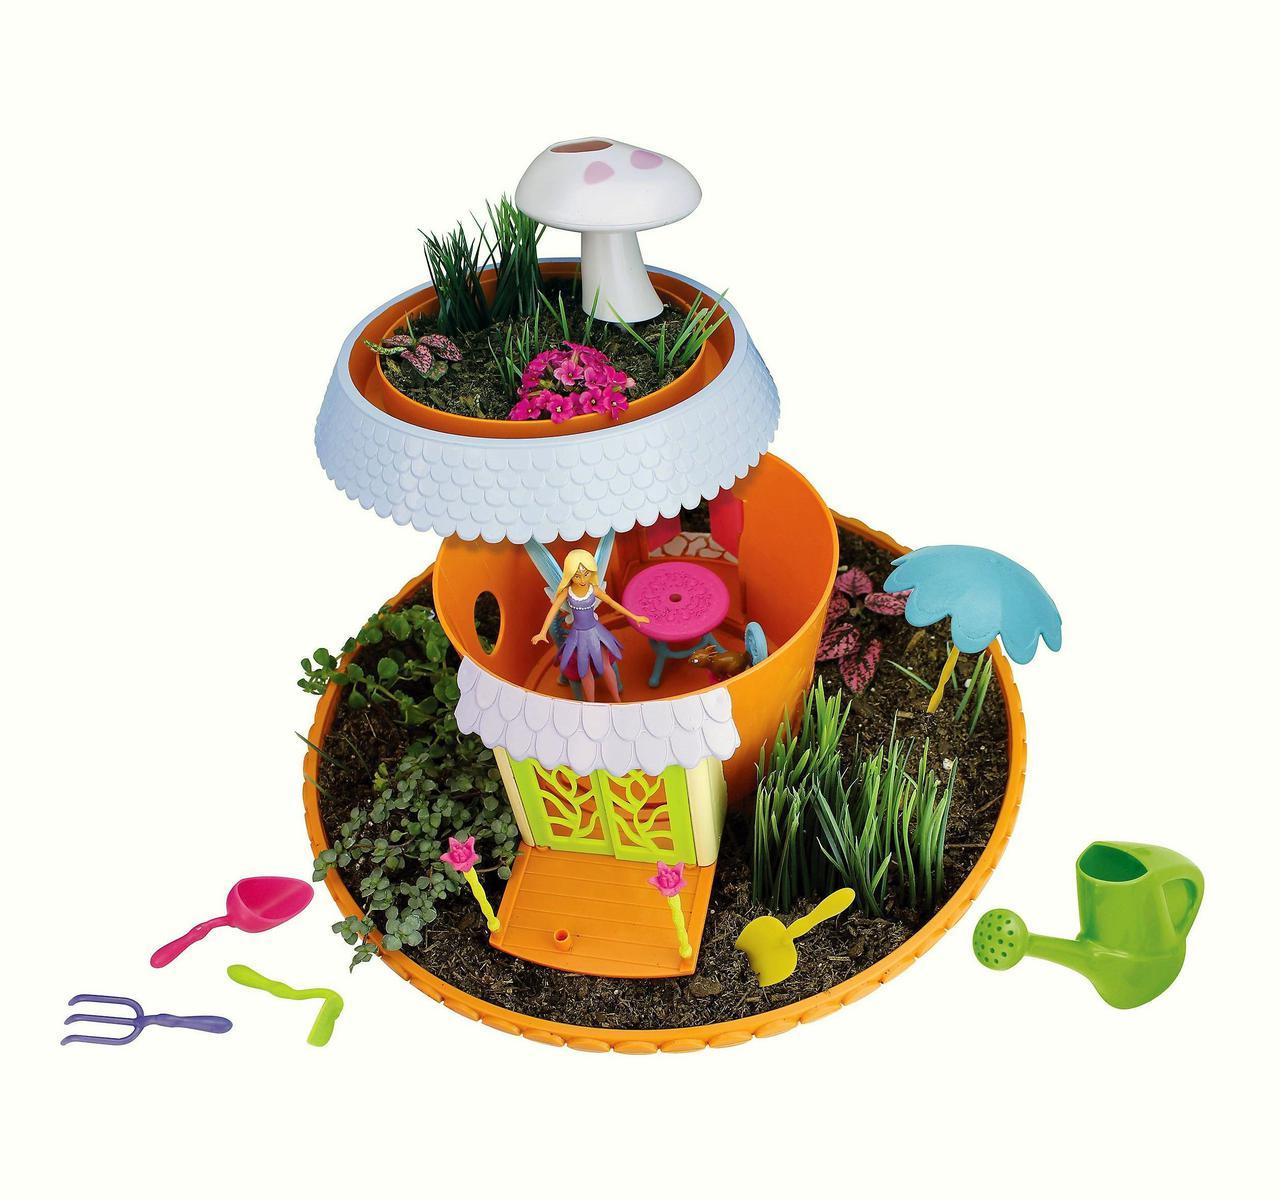 Набор для выращивания My Fairy Garden Magical Cottage Playset Мой волшебный сад с домиком феи